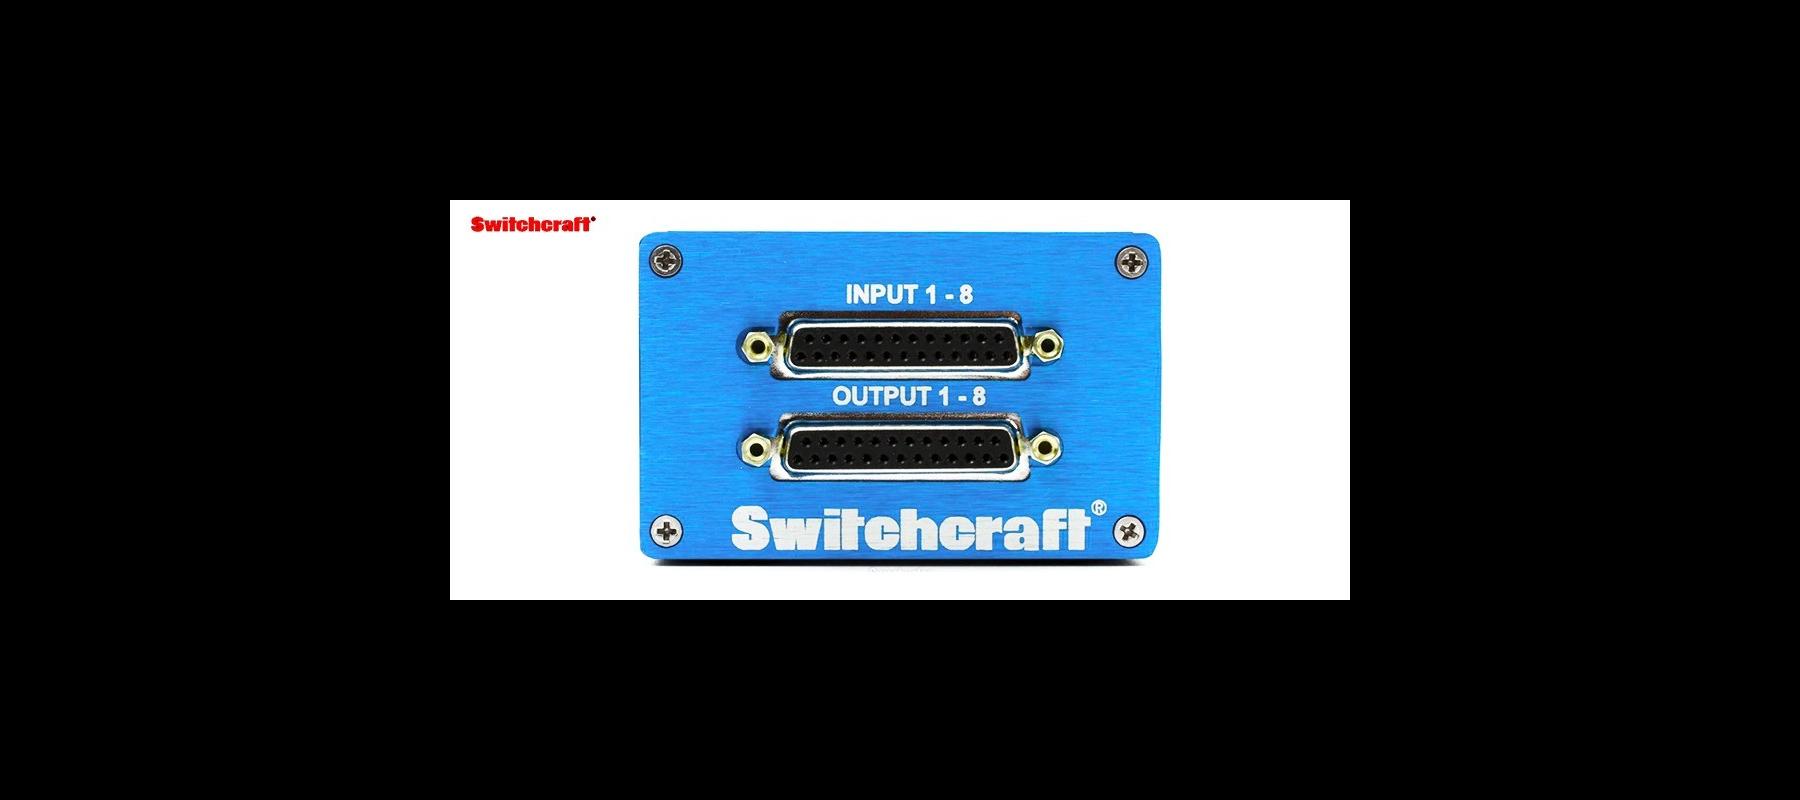 Switchcraft 1625